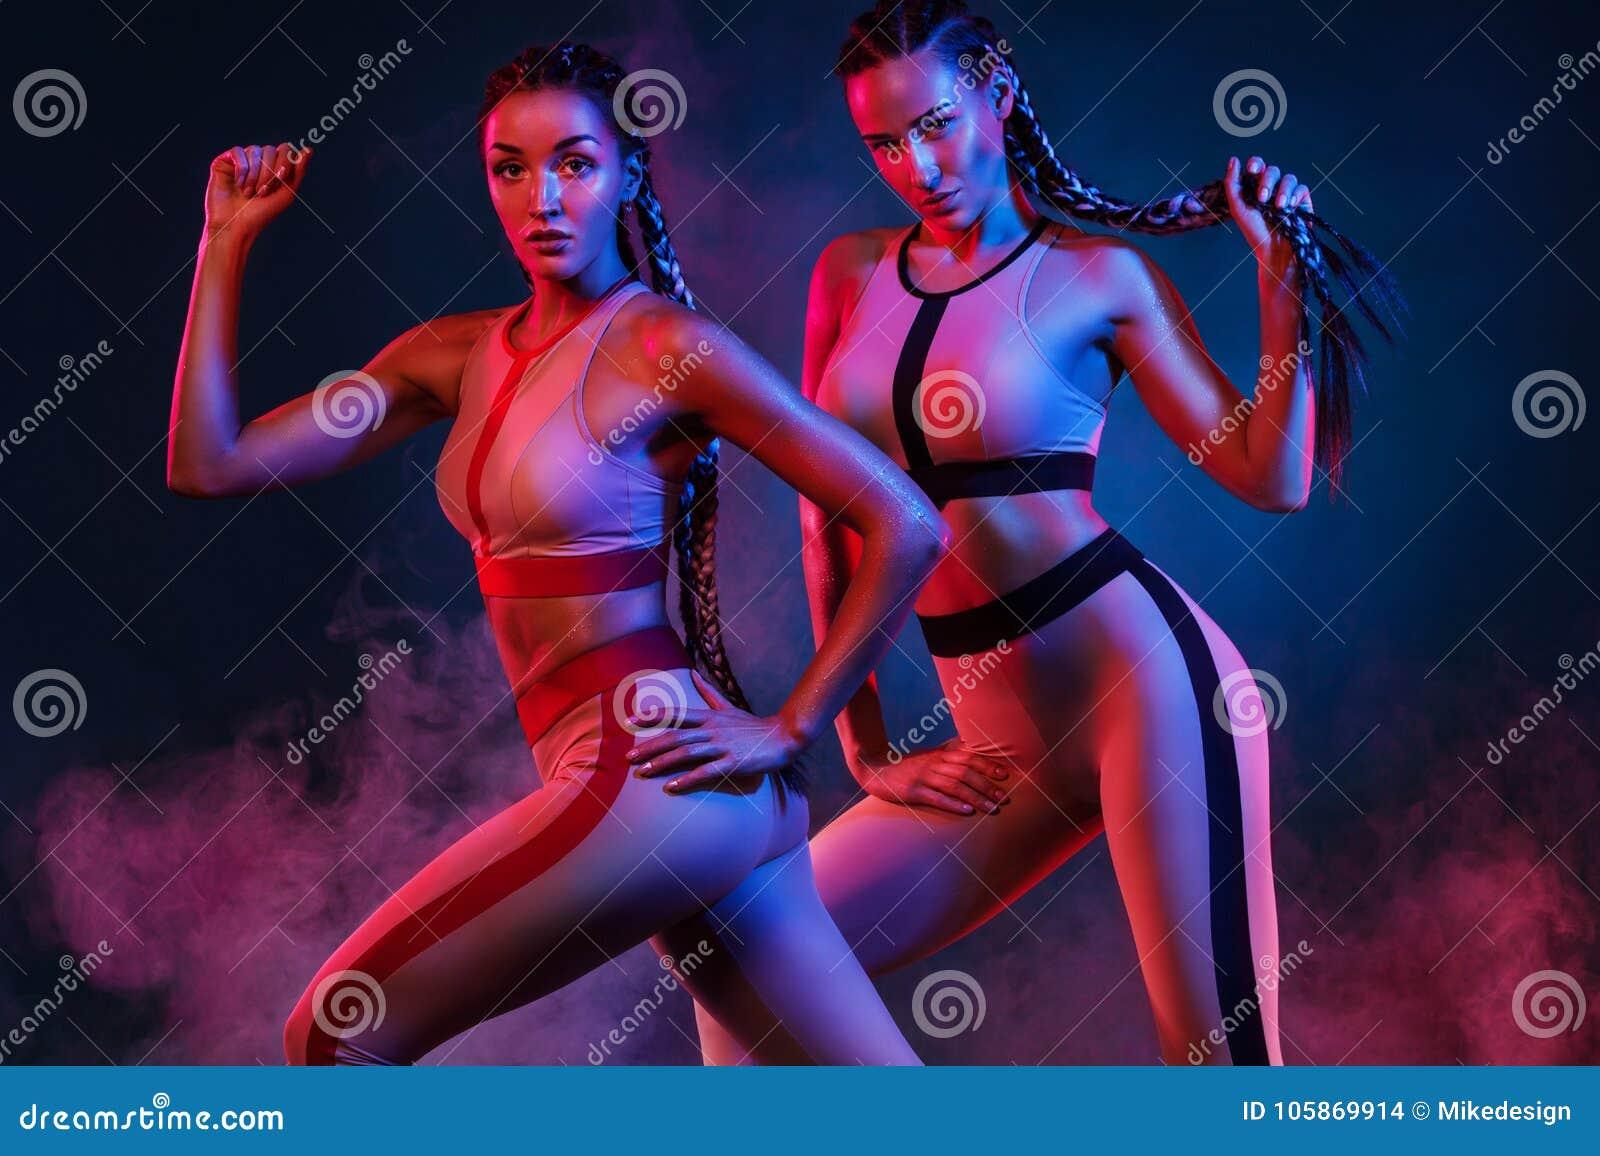 Ισχυρός ένας αθλητικός, γυναίκες στο υπόβαθρο χρώματος που φορά sportswear μόδας, την ικανότητα και αθλητικό το κίνητρο